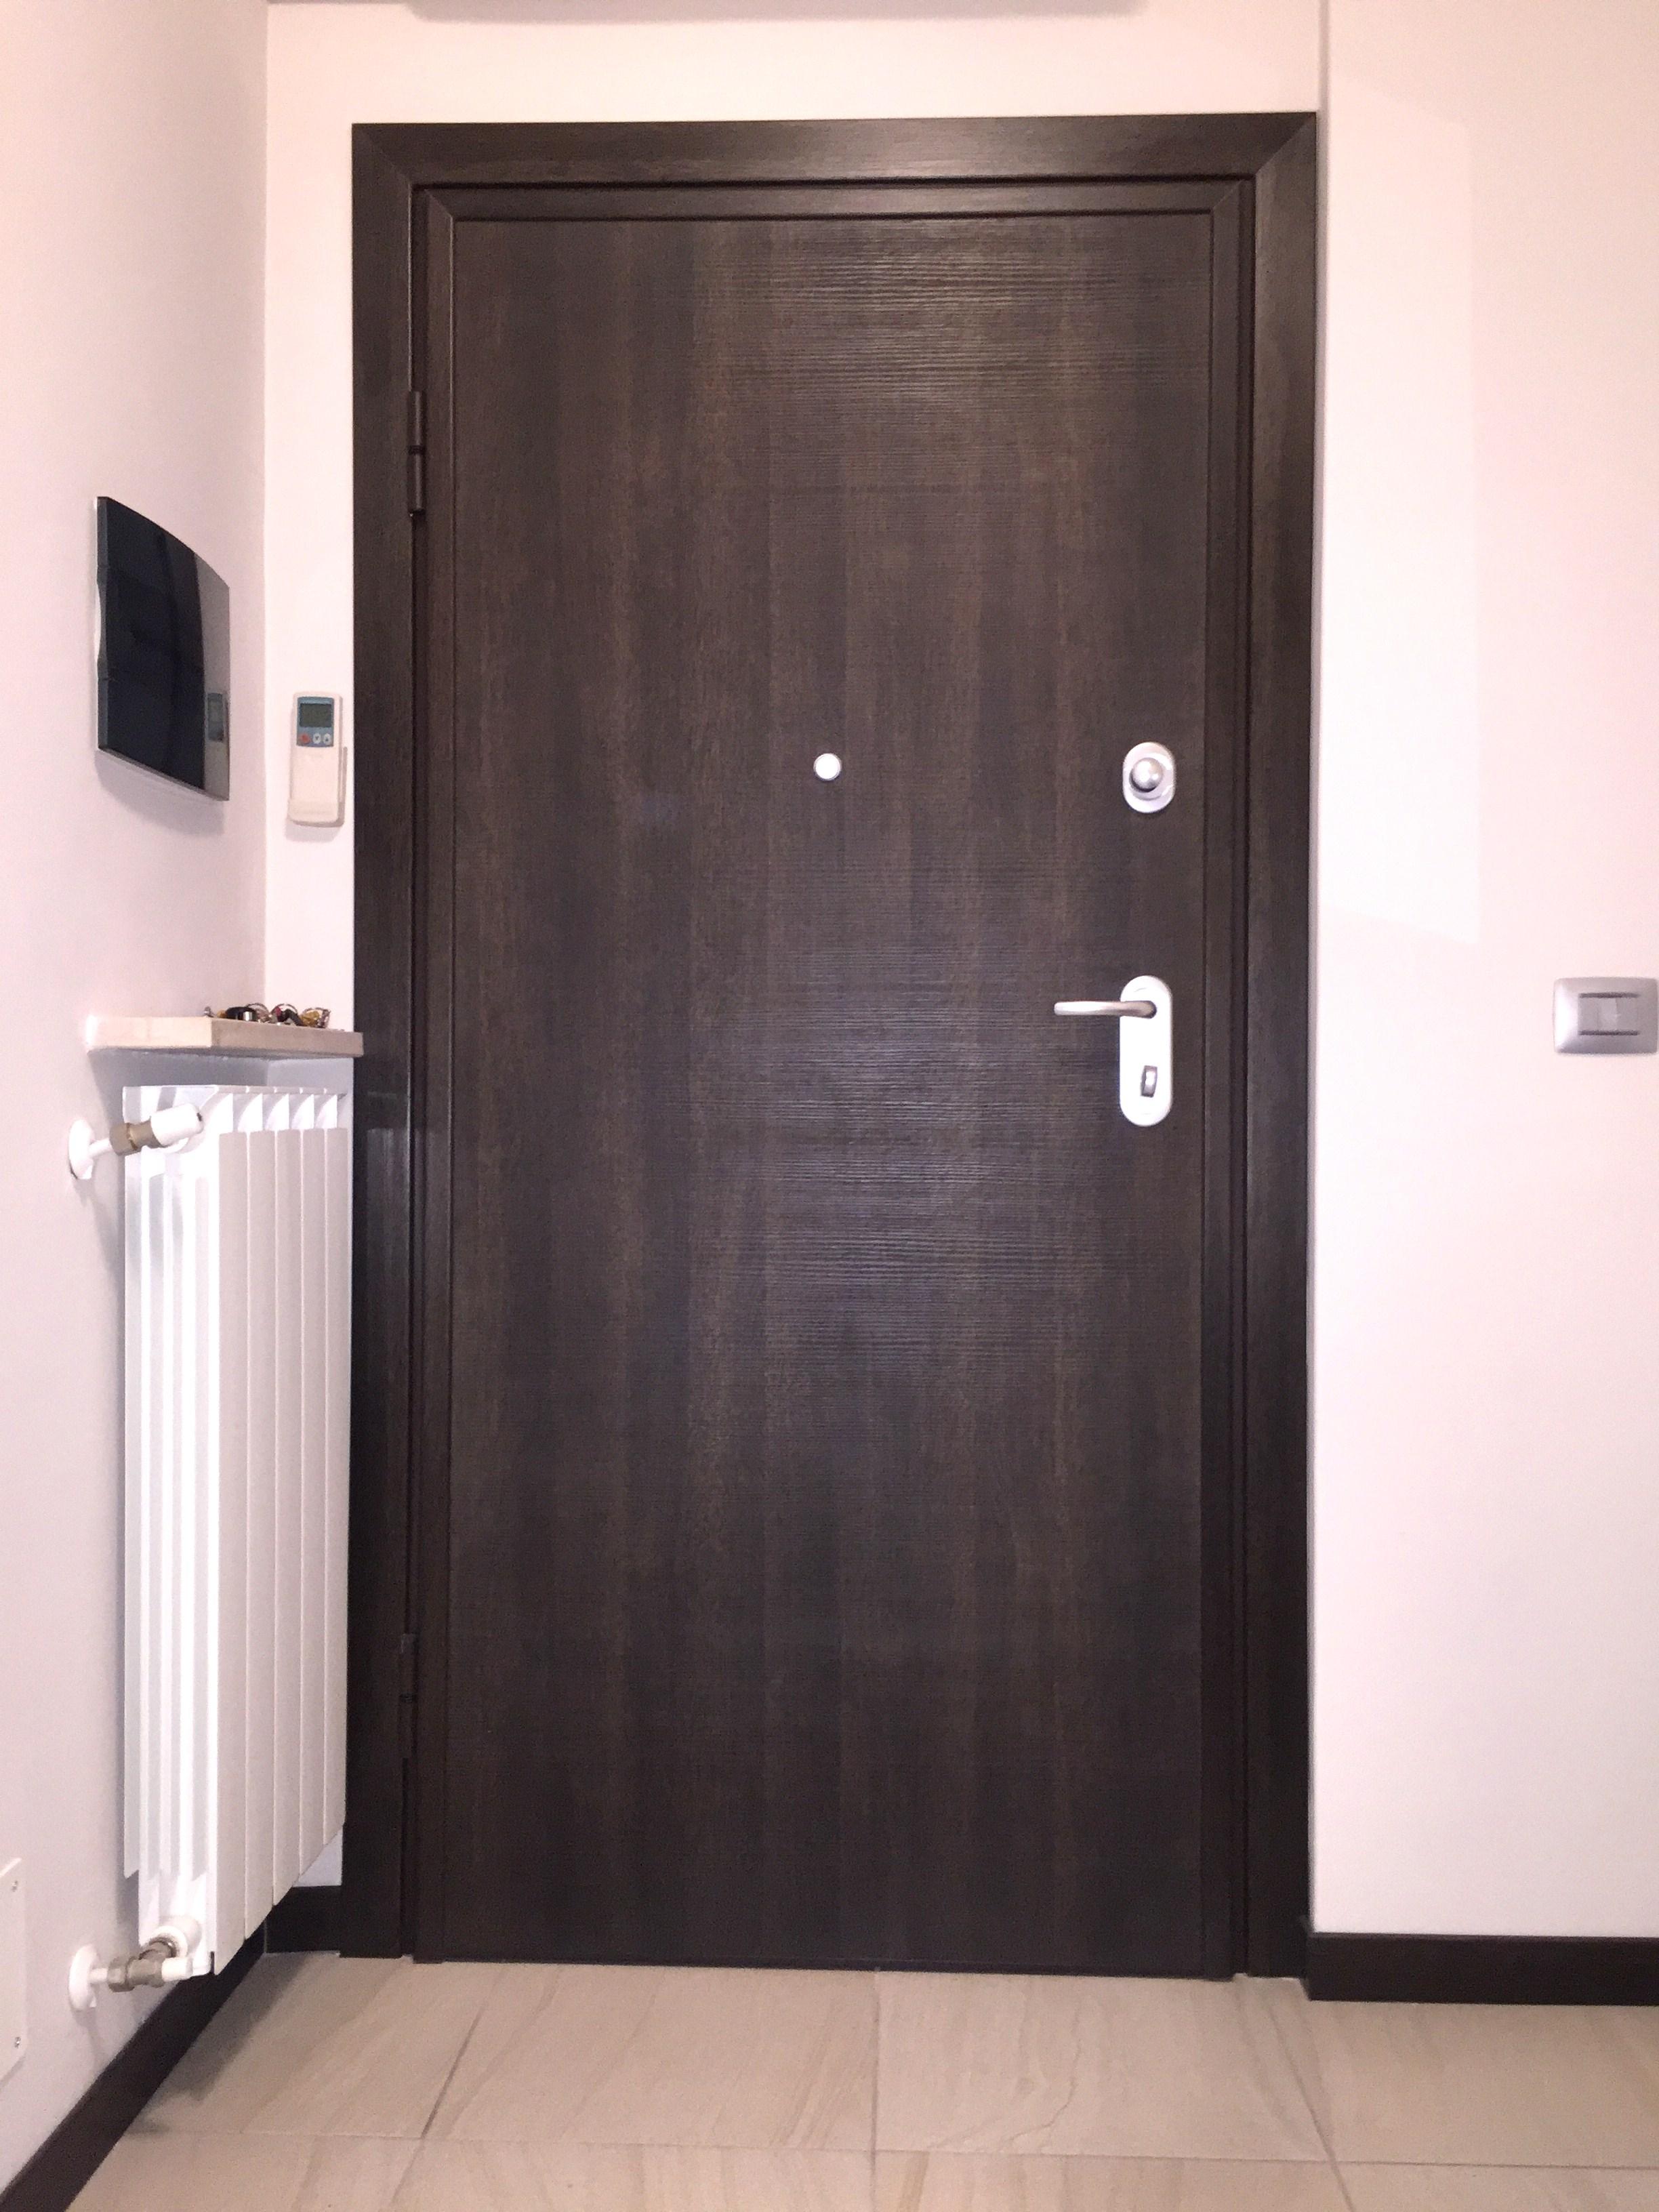 Sostituzione porta blindata , mod. DIERRE double 1 Plus , doppia lamiera in classe 3 , abitazione a Cremona.